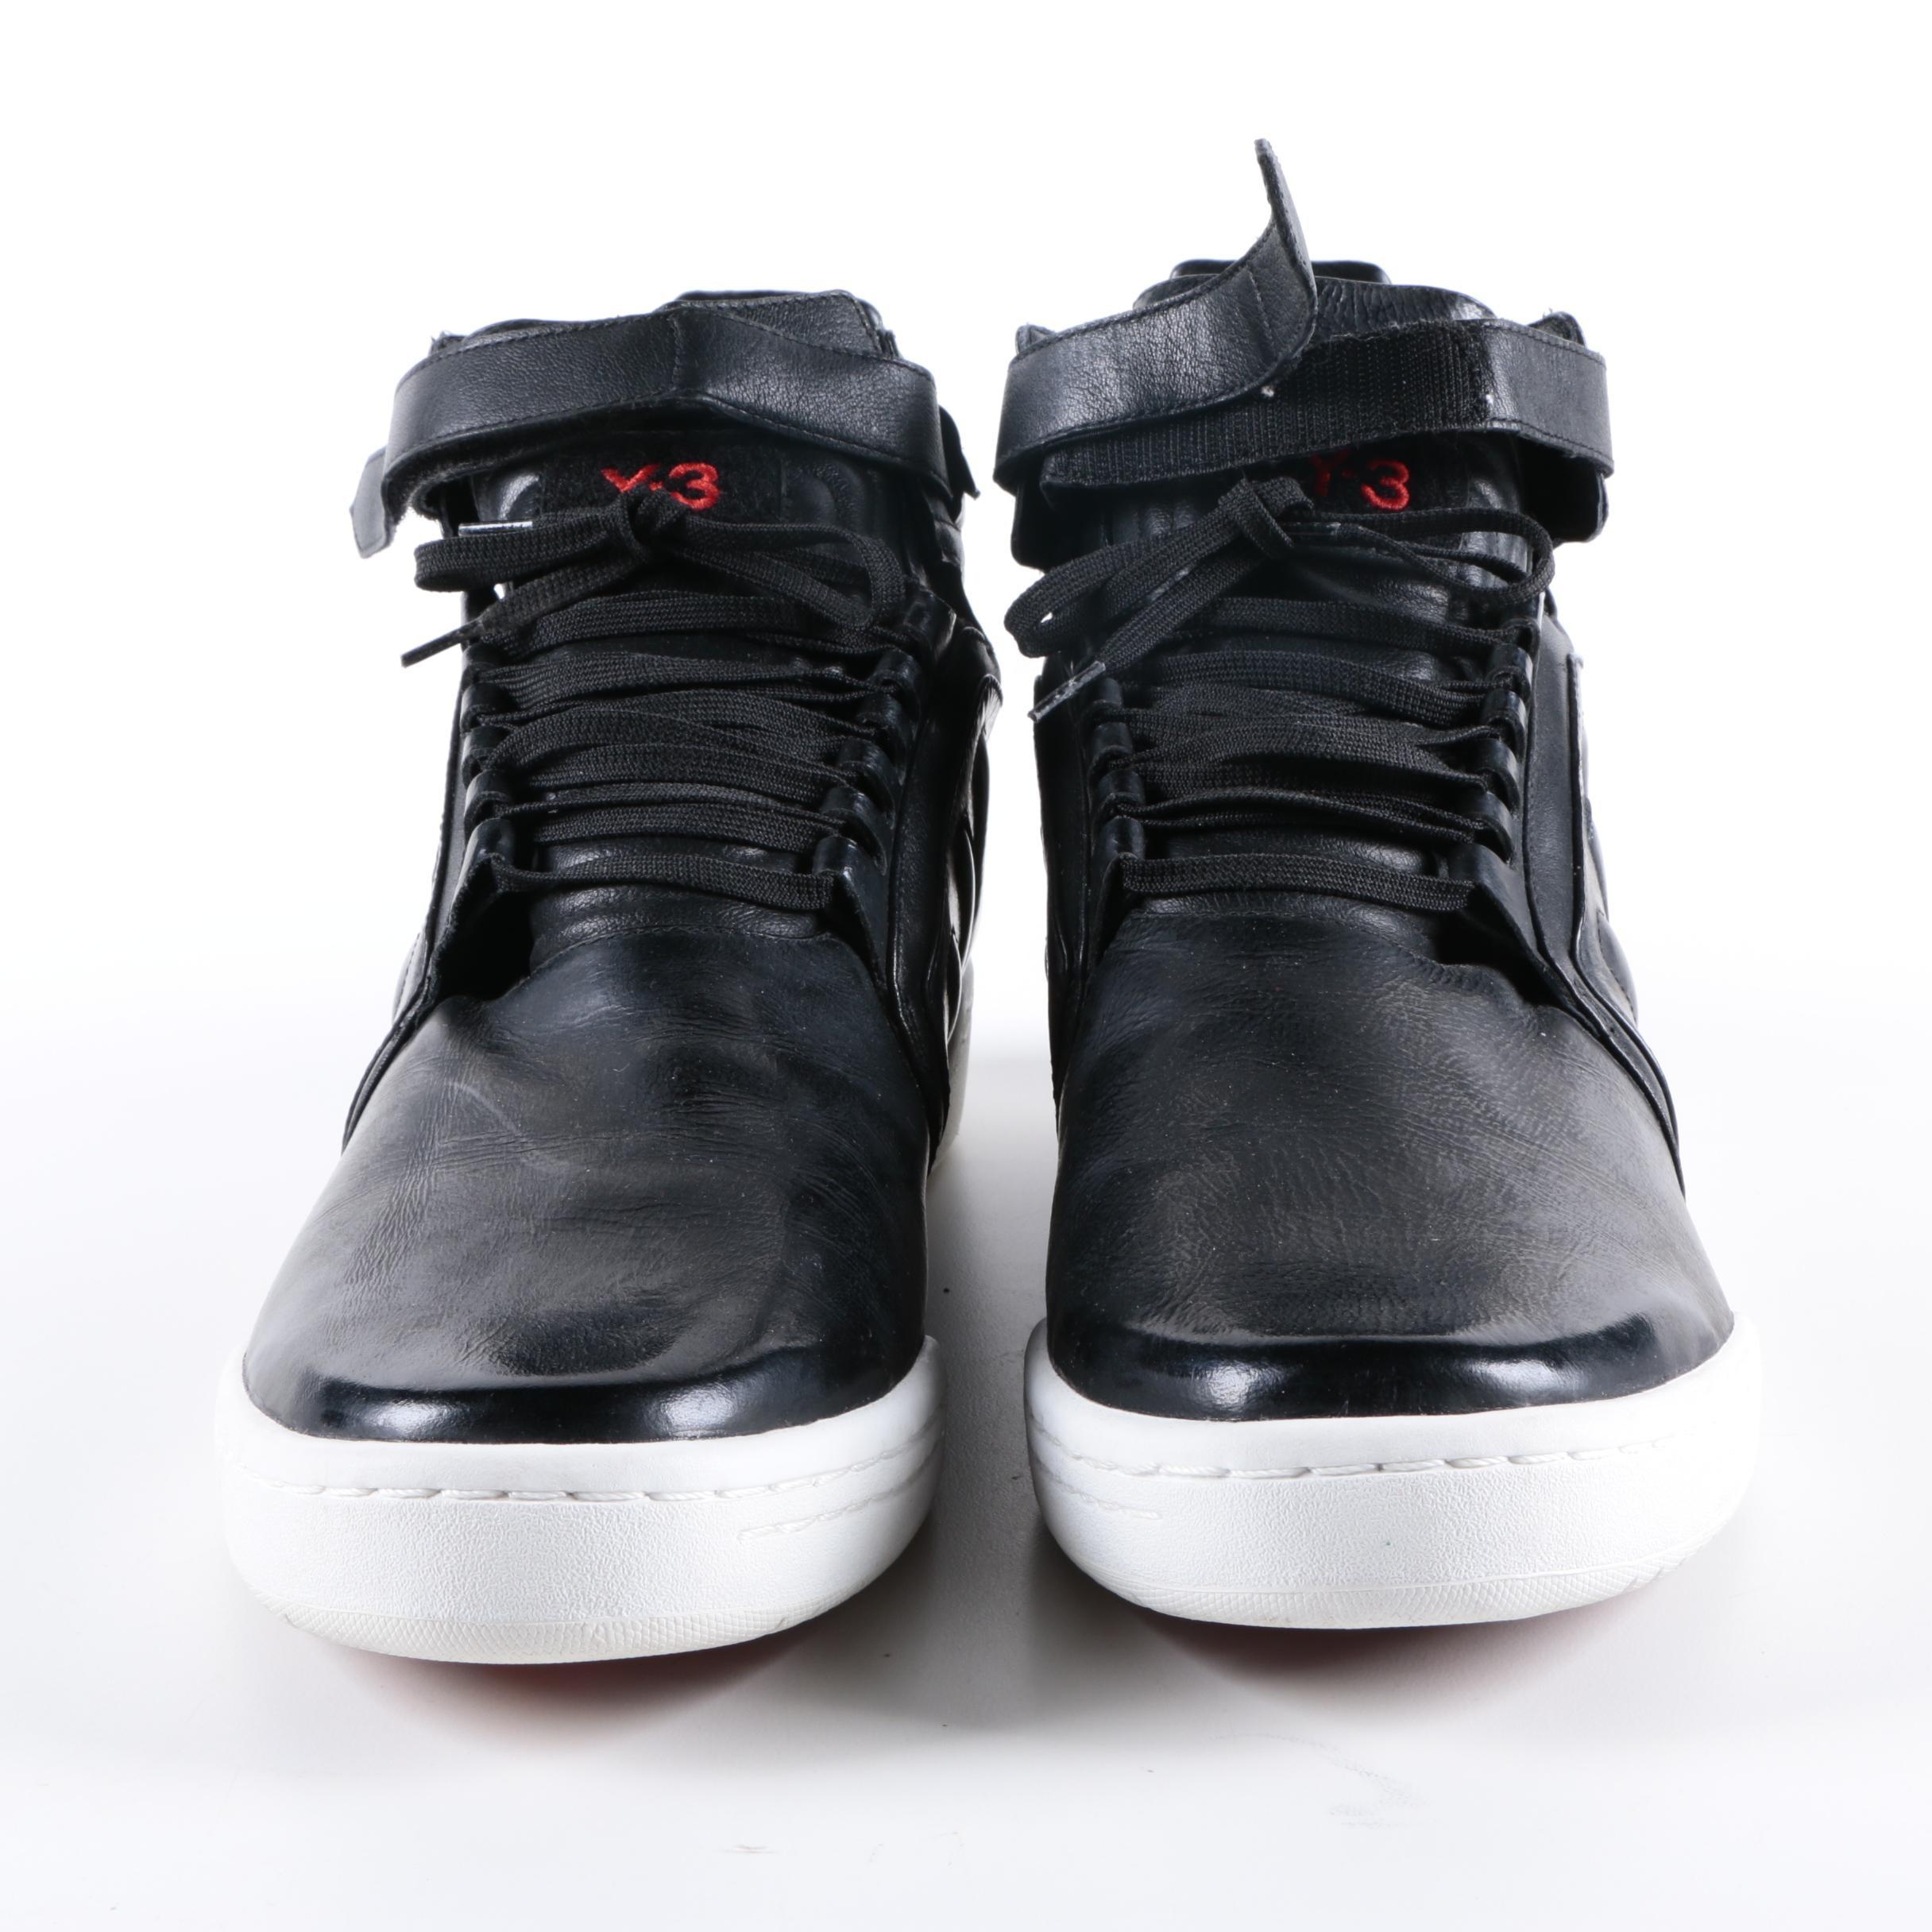 Yohji Yamamoto Y-3 Collection Adidas Sneakers